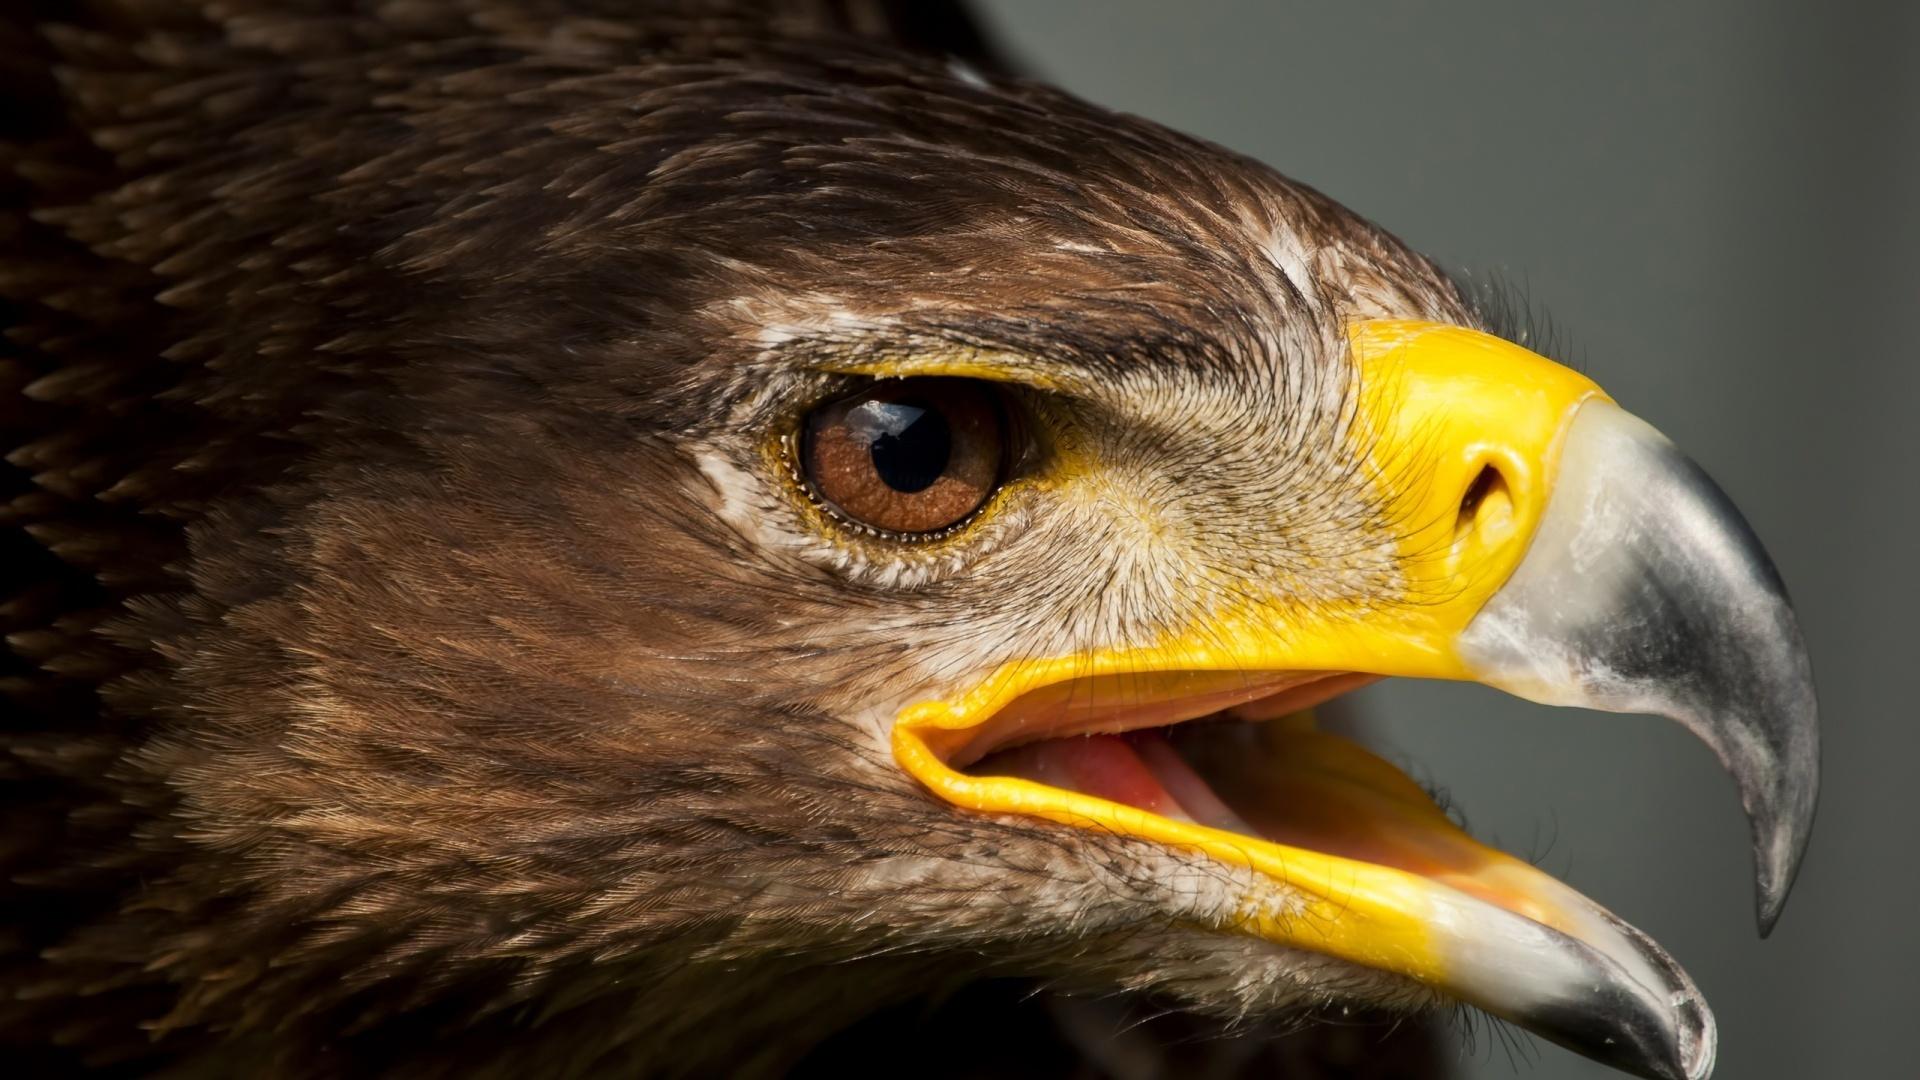 счастью, картинки агрессивных орлов видеть, кто